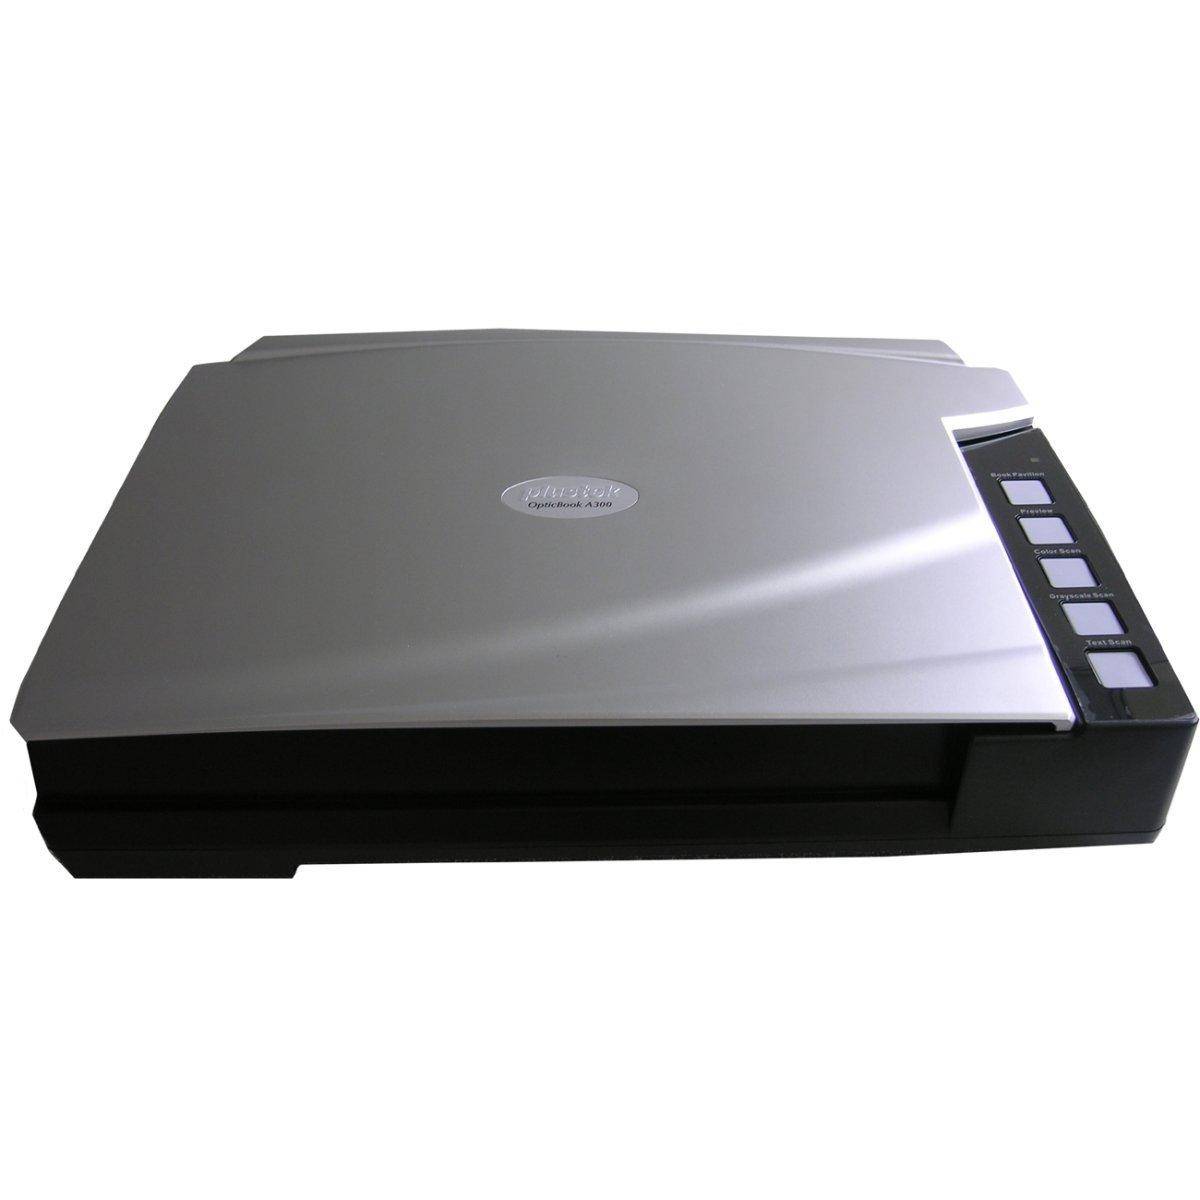 Plustek OpticBook A300 Large Format 12x17 Flatbed Book Scanner - 48 bit Color - 16 bit Grayscale 271-BBM21-C